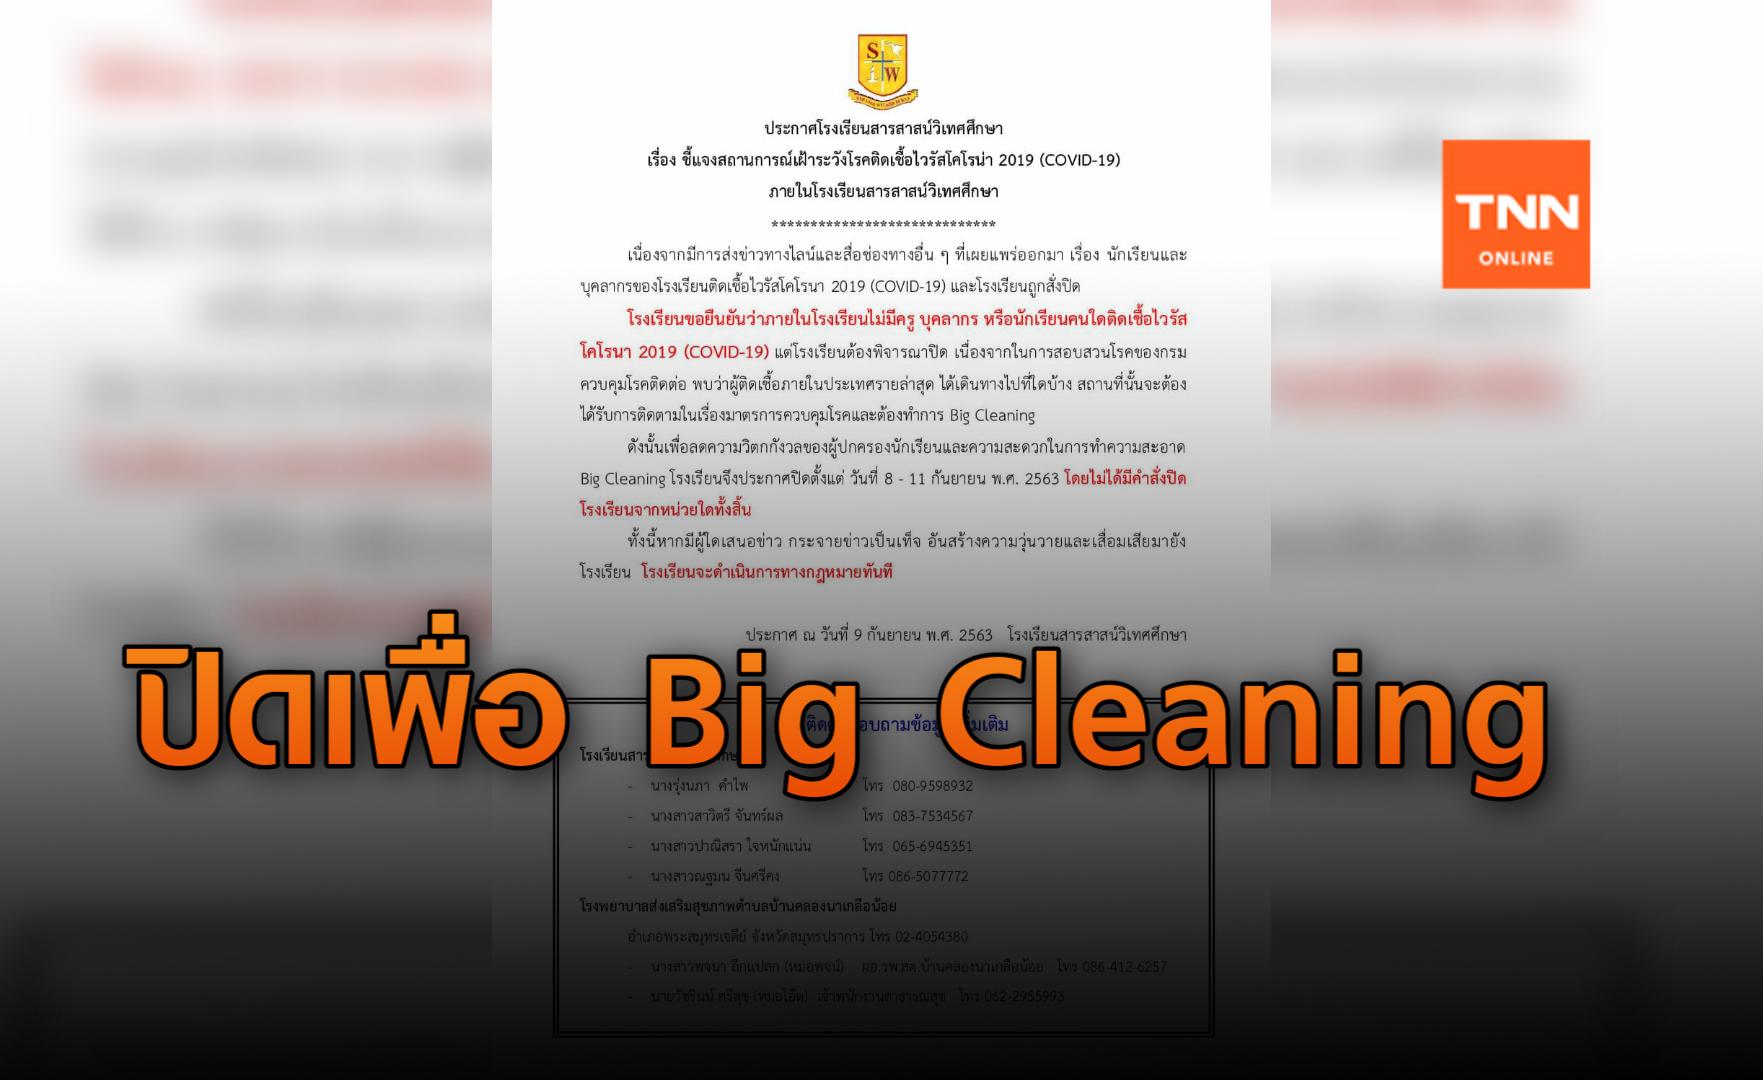 โรงเรียนสารสาสน์วิเทศศึกษา แจง! ปิดเรียนเพื่อ Big Cleaning